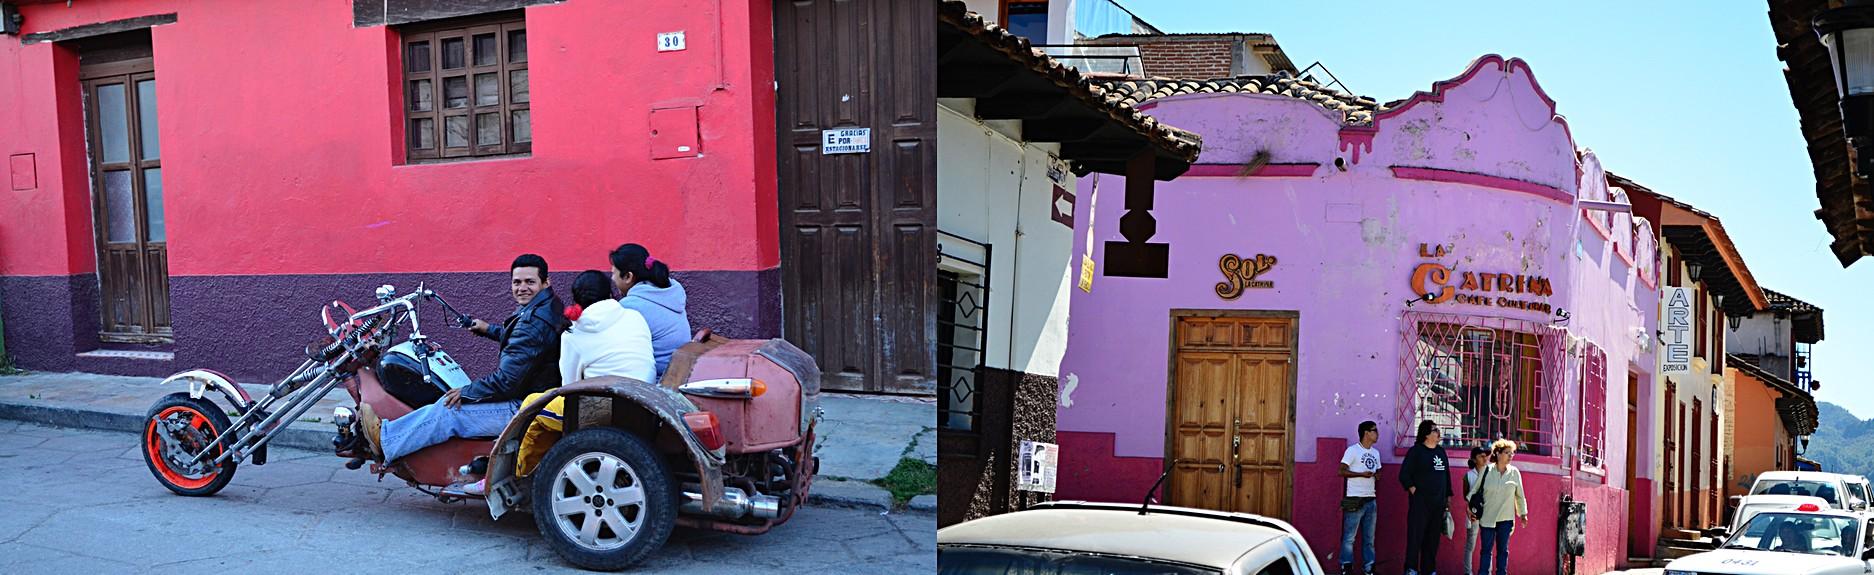 San_Cristóbal_de_las_Casas_13